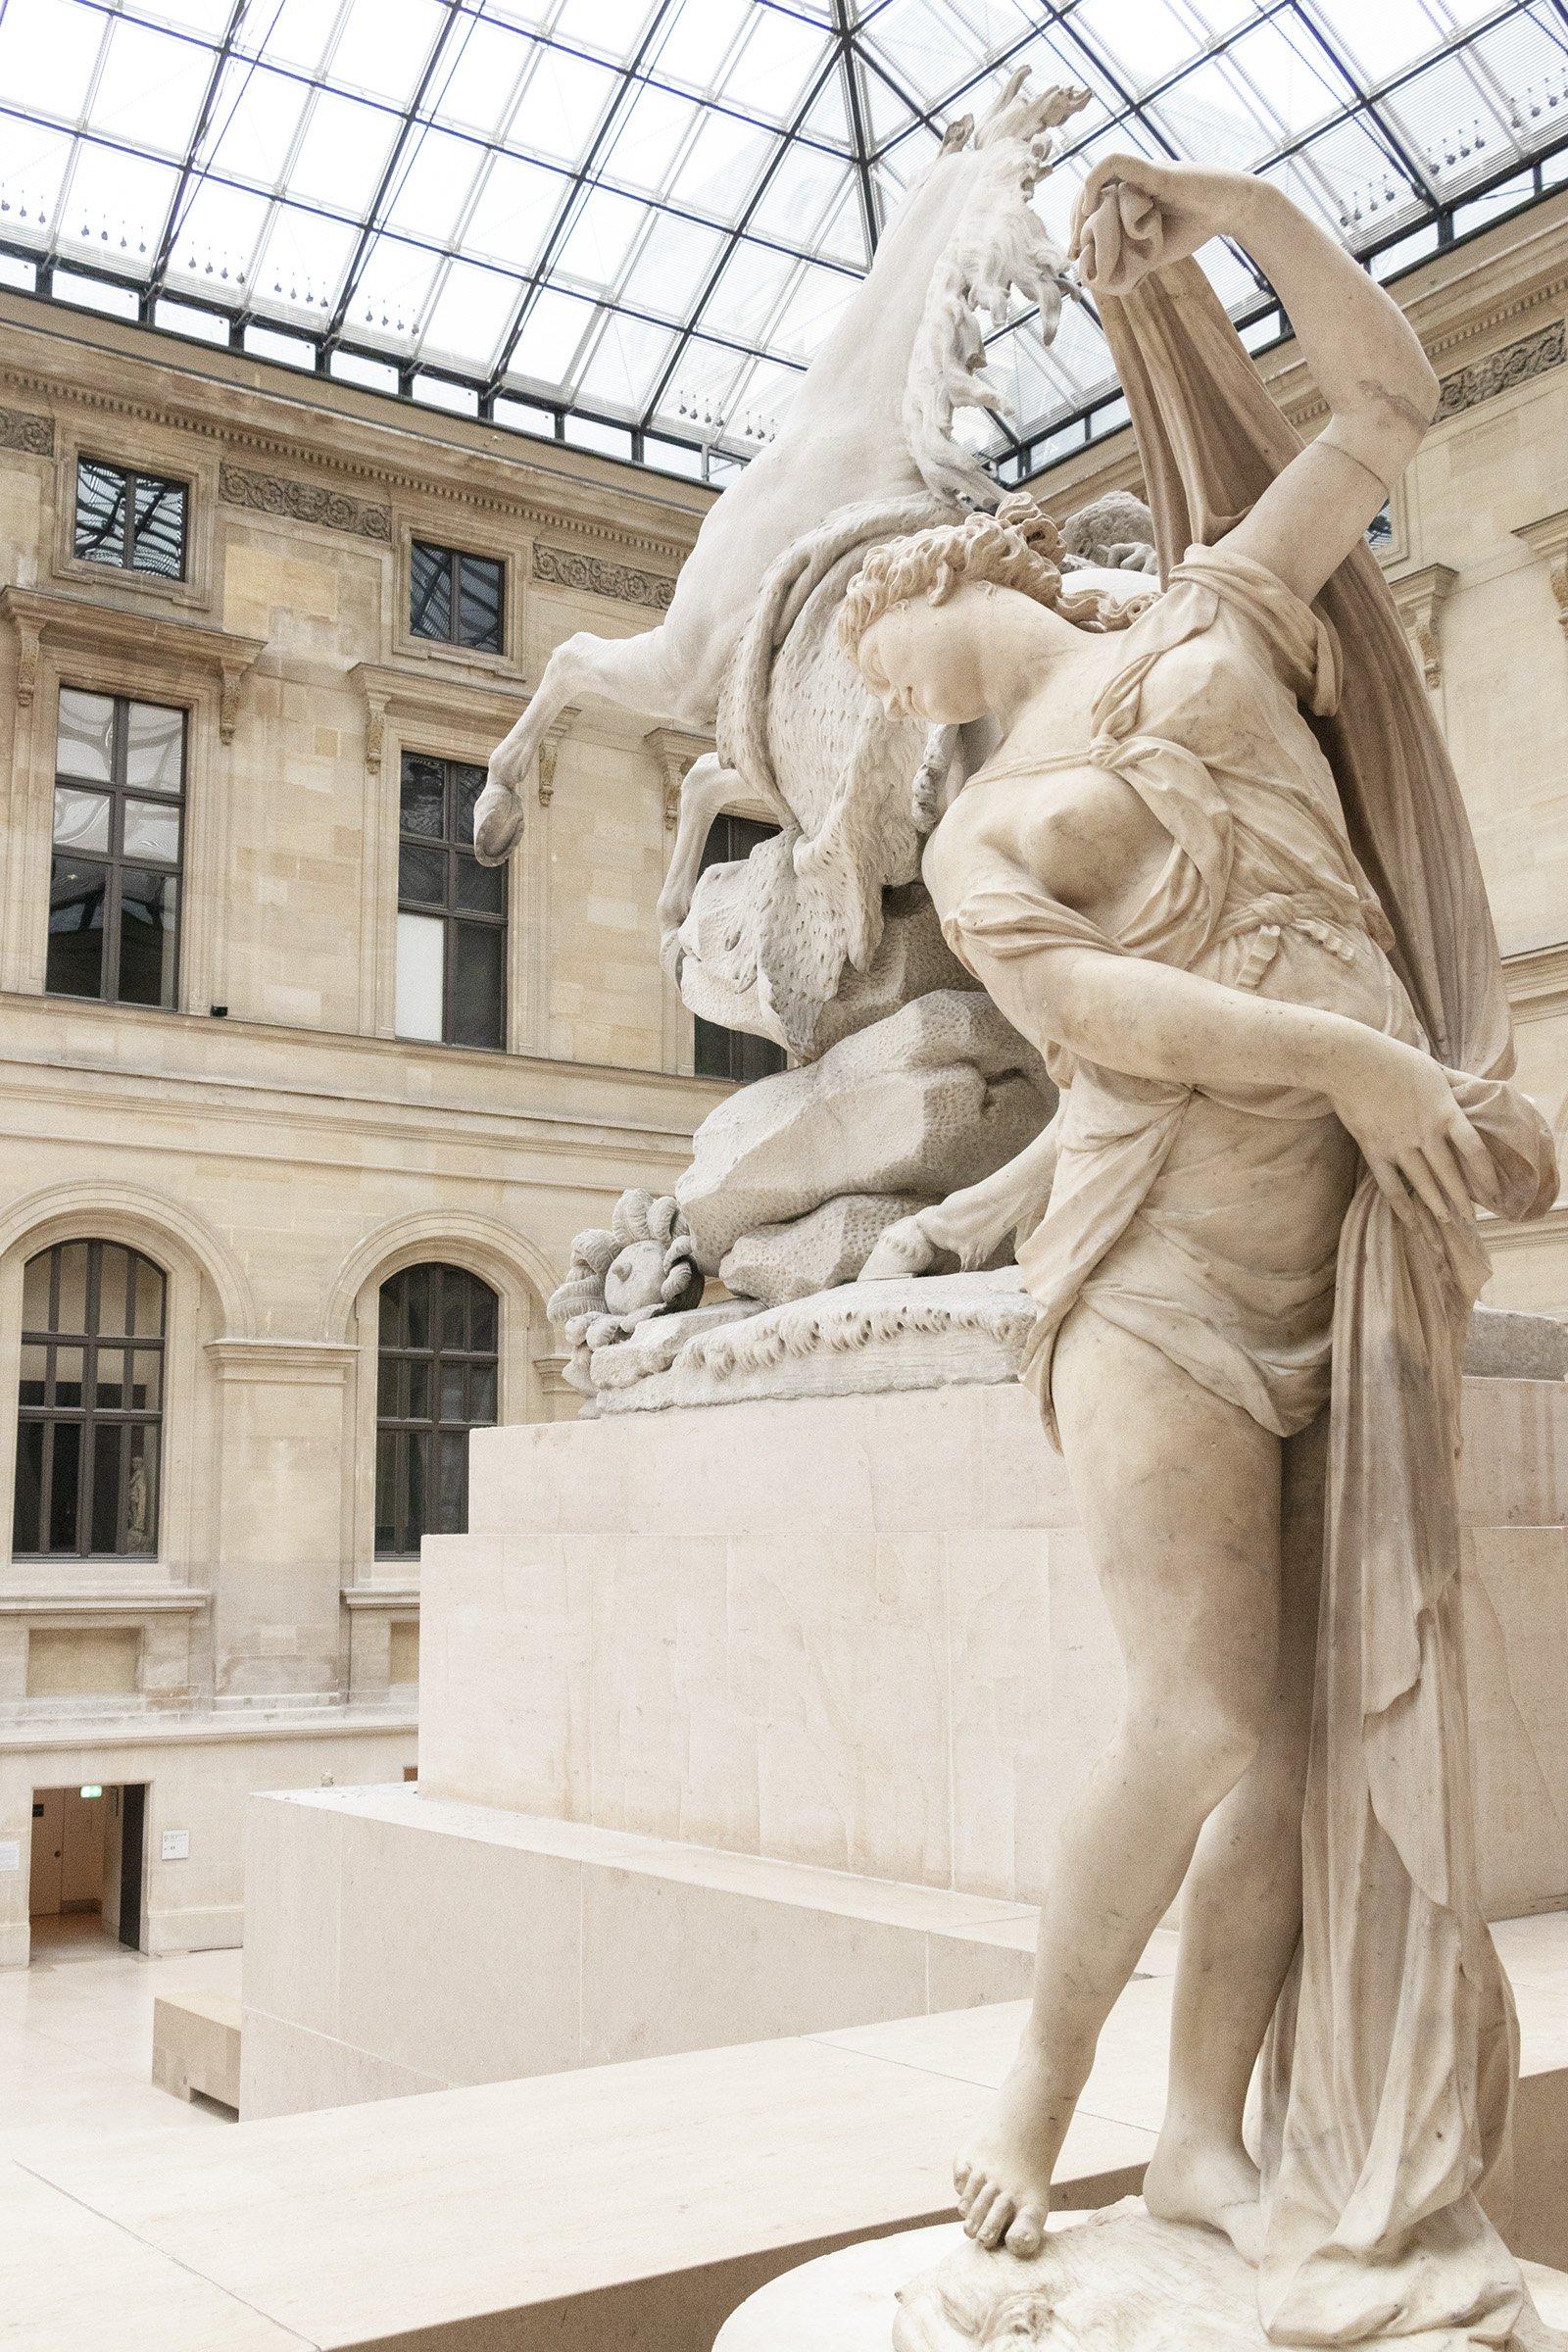 Statues in Louvre museum, Paris